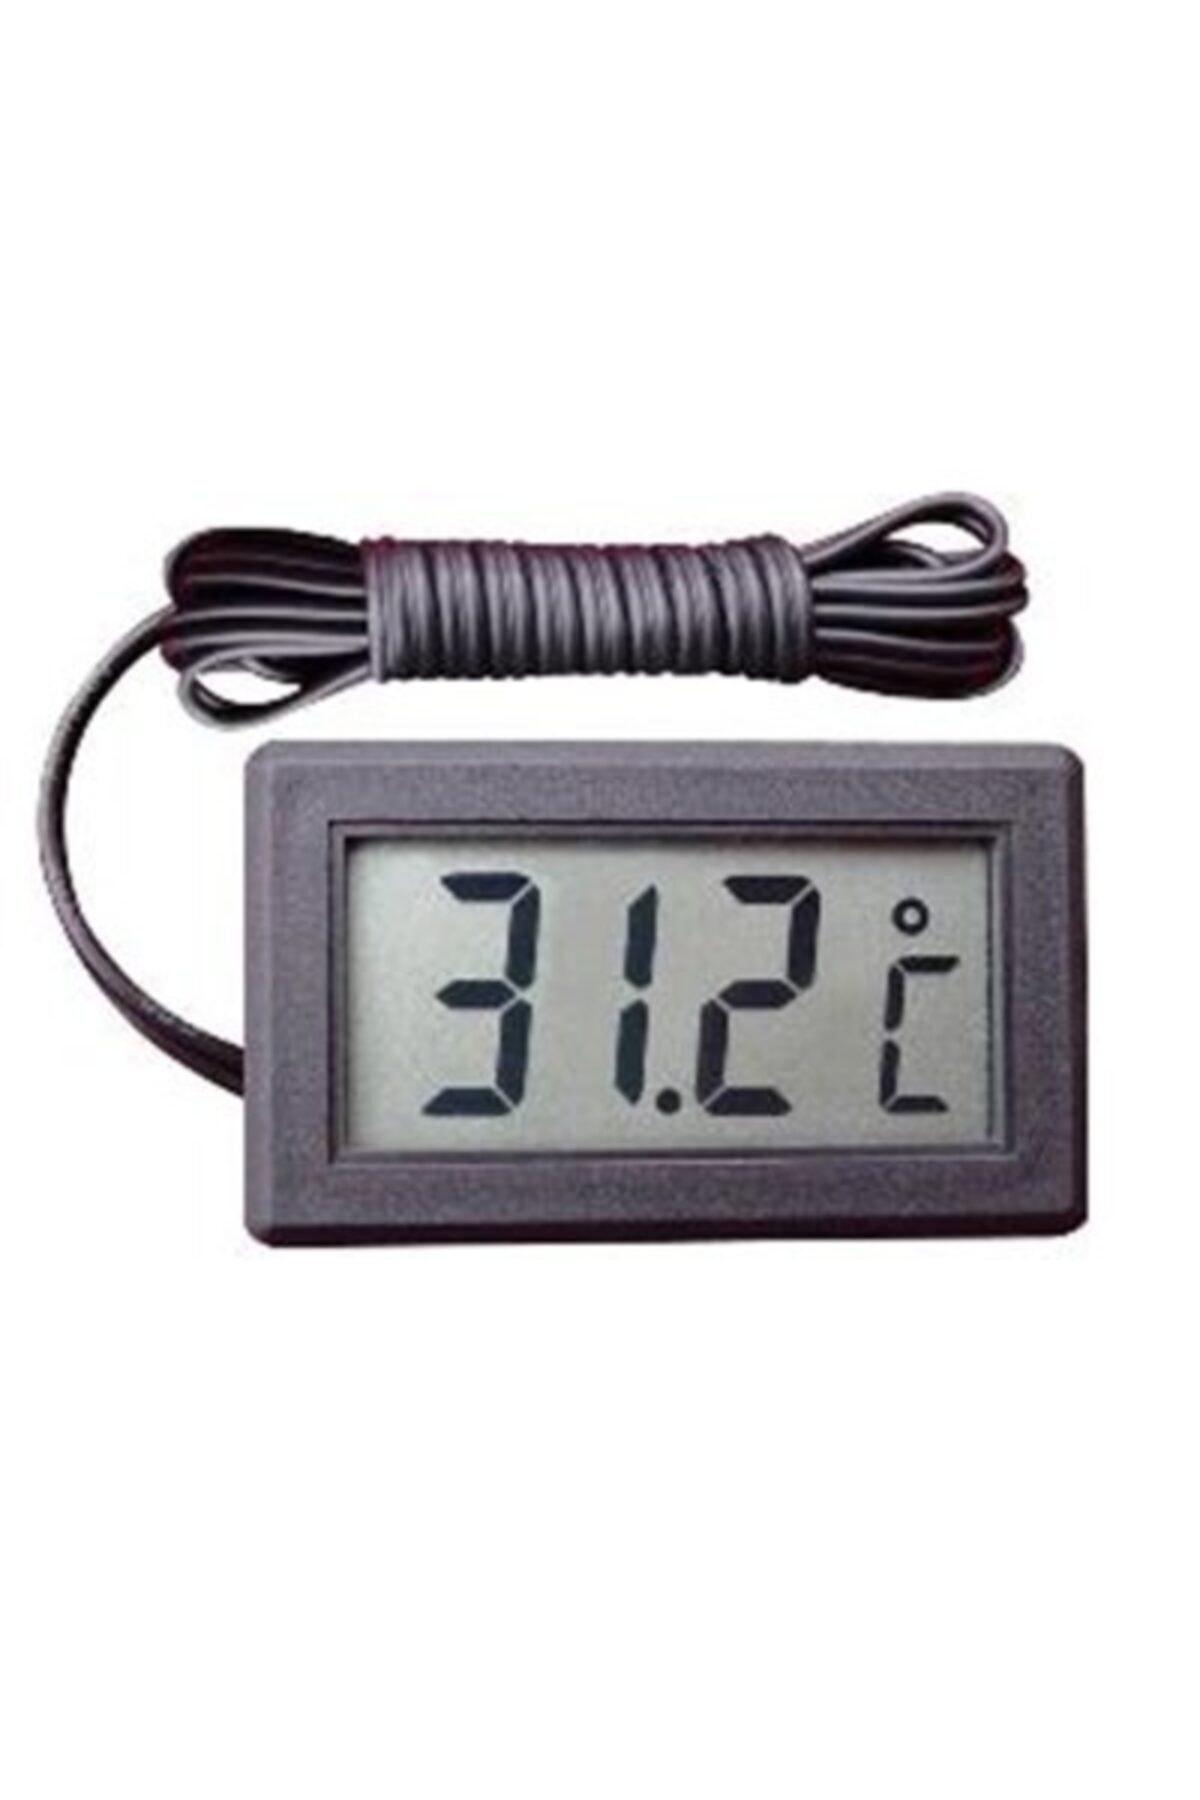 Arduino Dijital Problu Termometre Lcd Mutfak Iç Dış Mekan Kuluçka Sıcaklık Ölçer Tpm 10 Tpm10 2